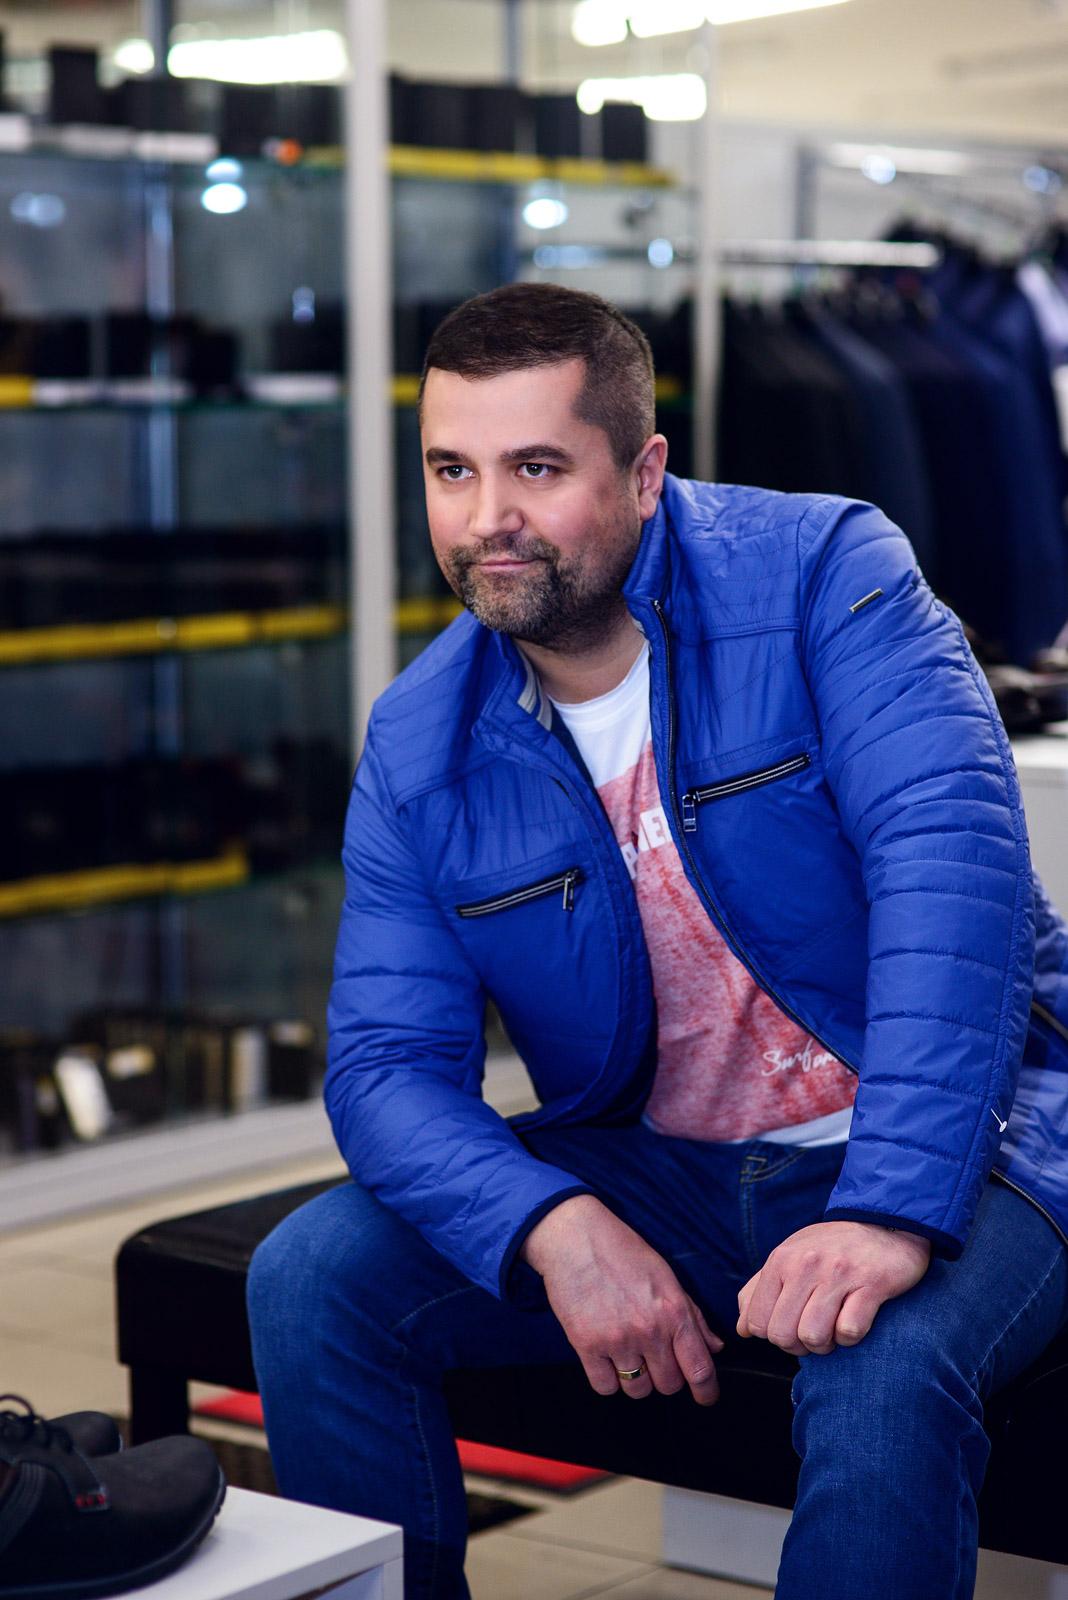 kurtka Jupiter 549 zł t-shirt Pioneer 79,90 spodnie Pierre Cardin 329 zł | Łukasz Machocki